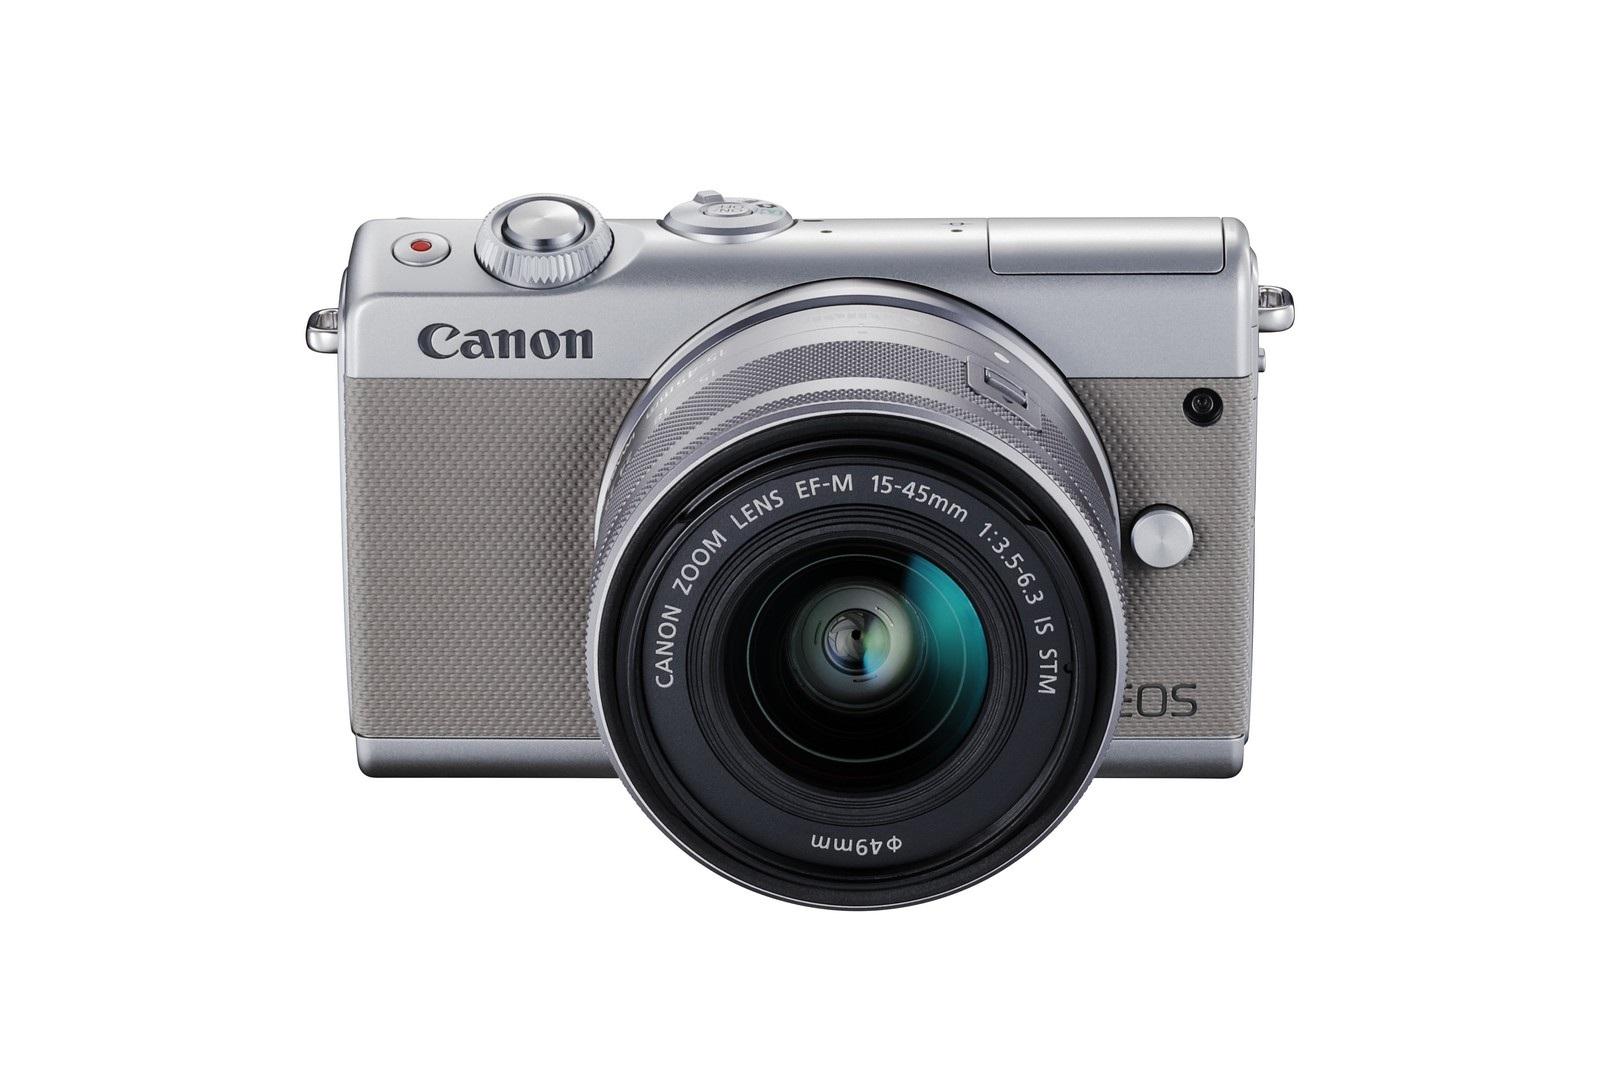 Canon EOS M100 sẽ chính thức bán ra vào đầu tháng 10, giá hơn 13 triệu đồng - 1